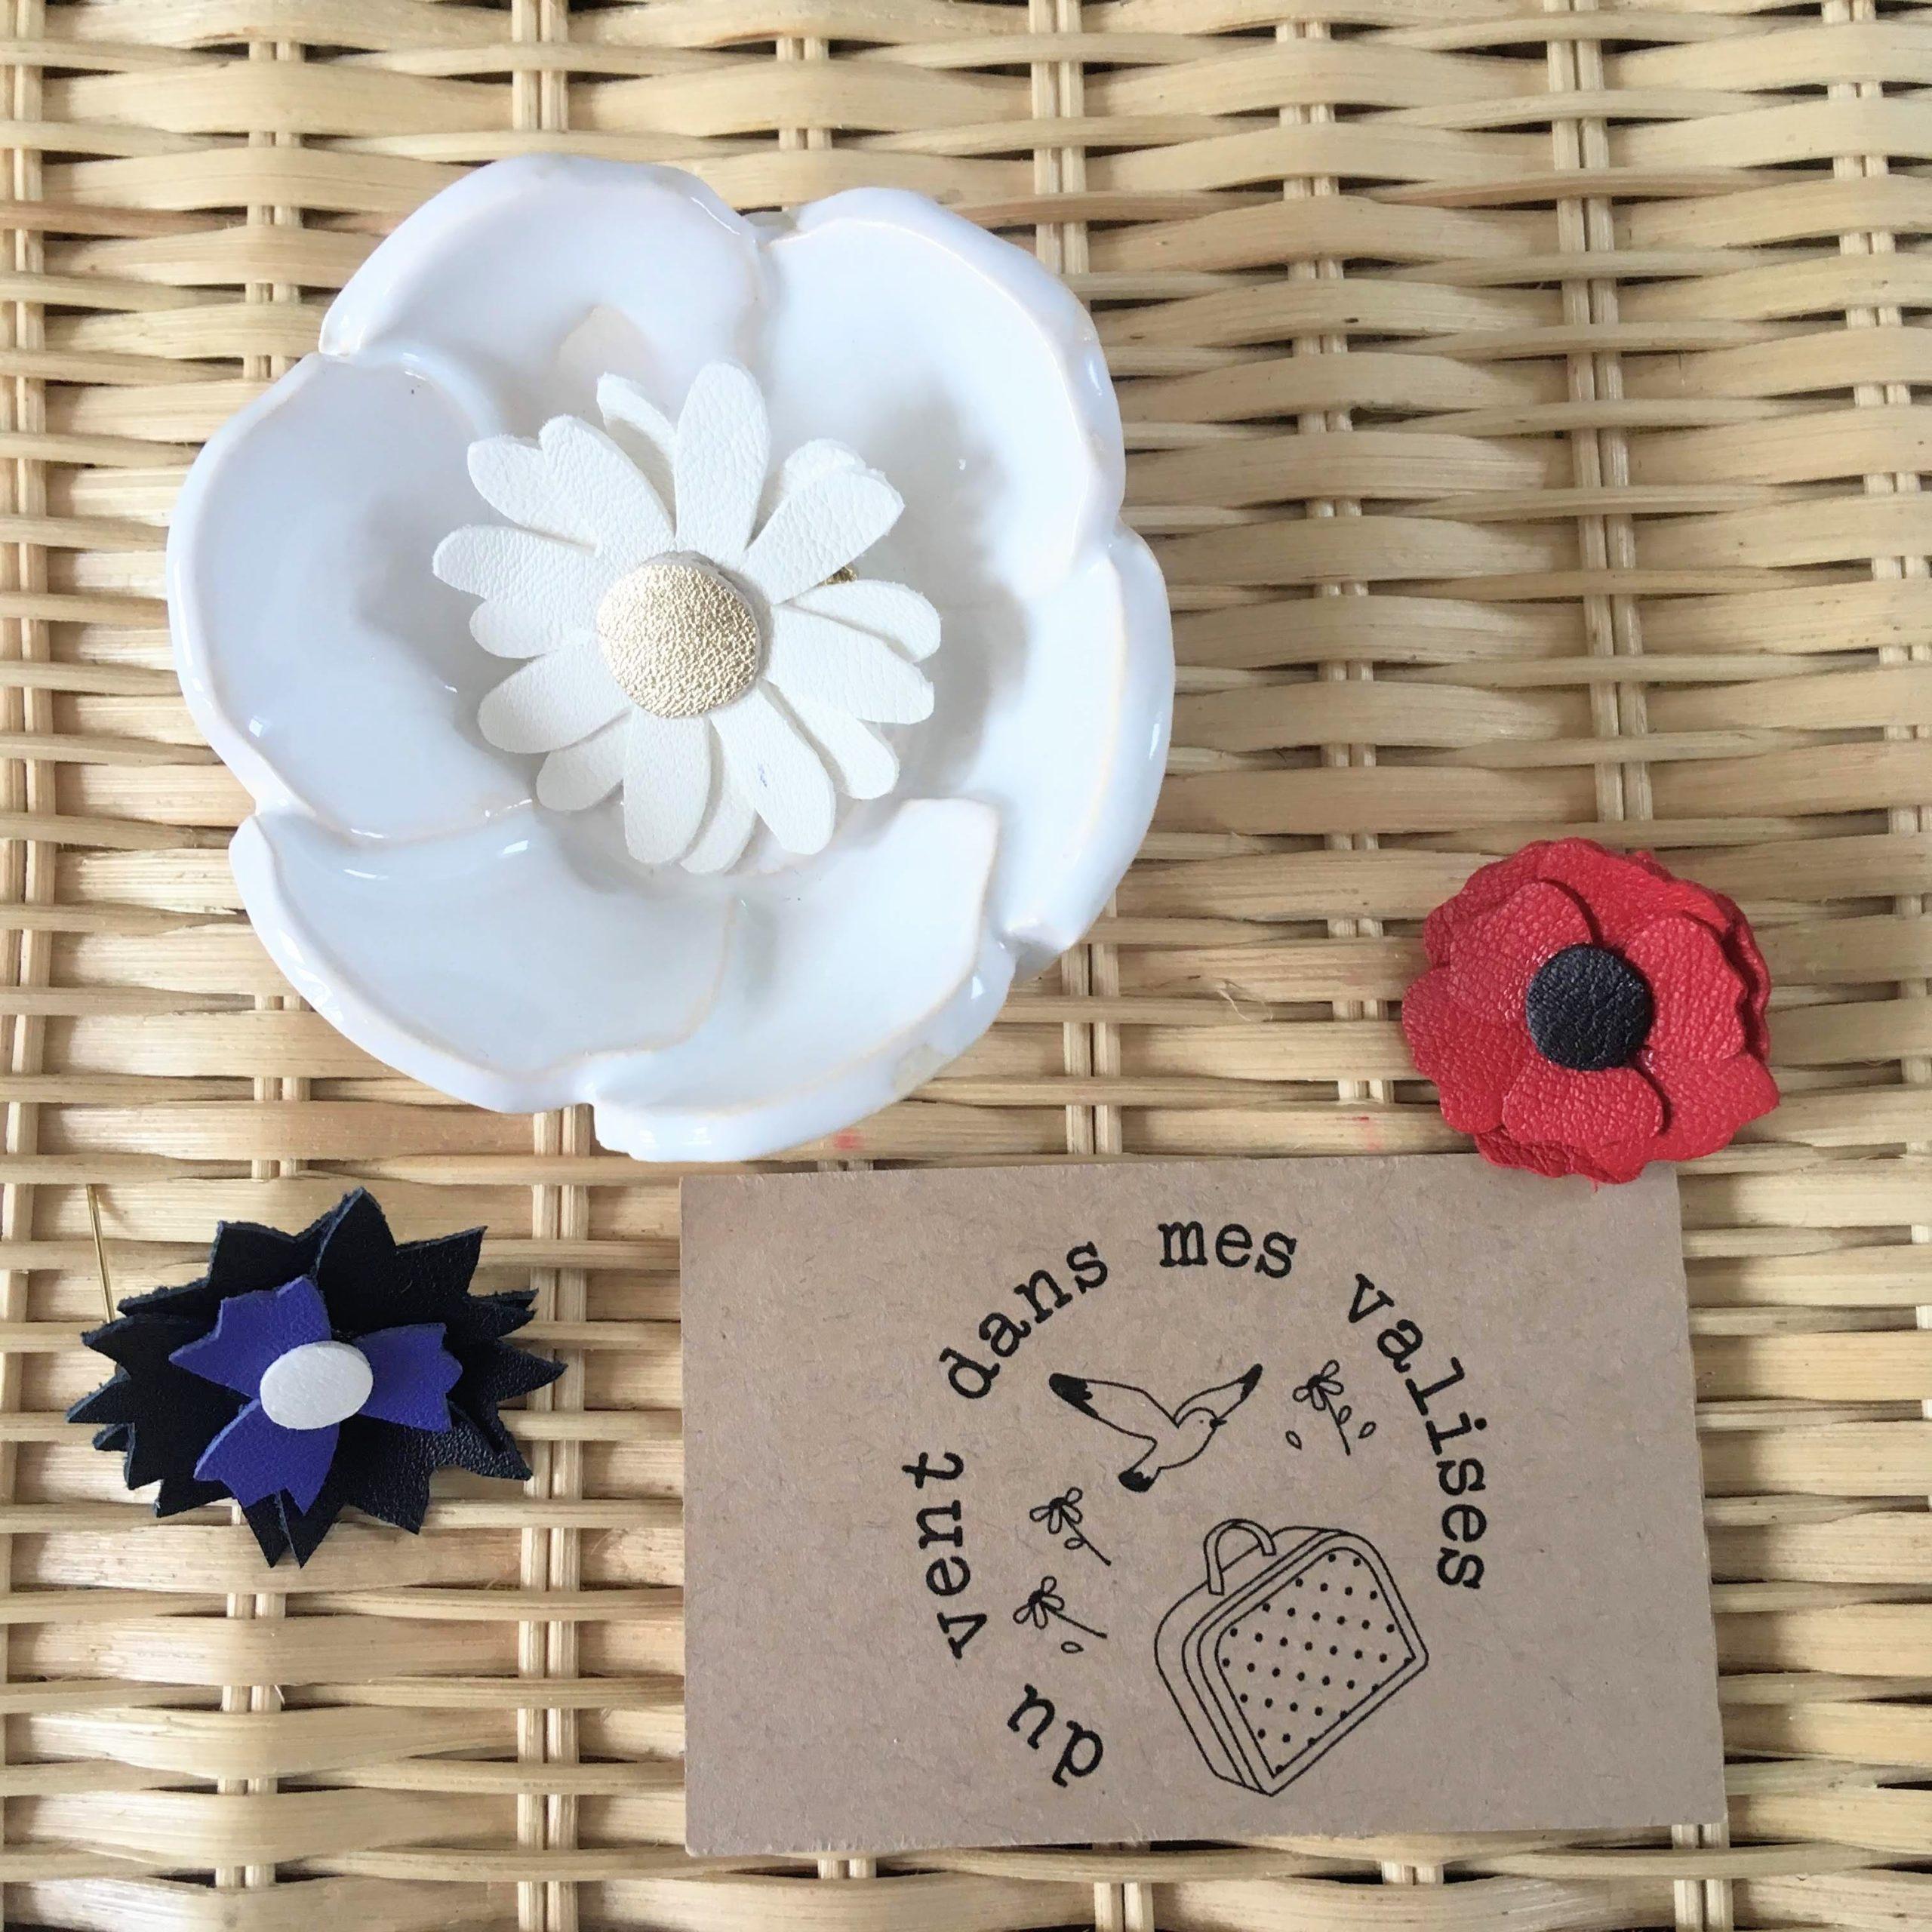 du vent dans mes valises - broches en cuir fleurs du souvenirs made in France